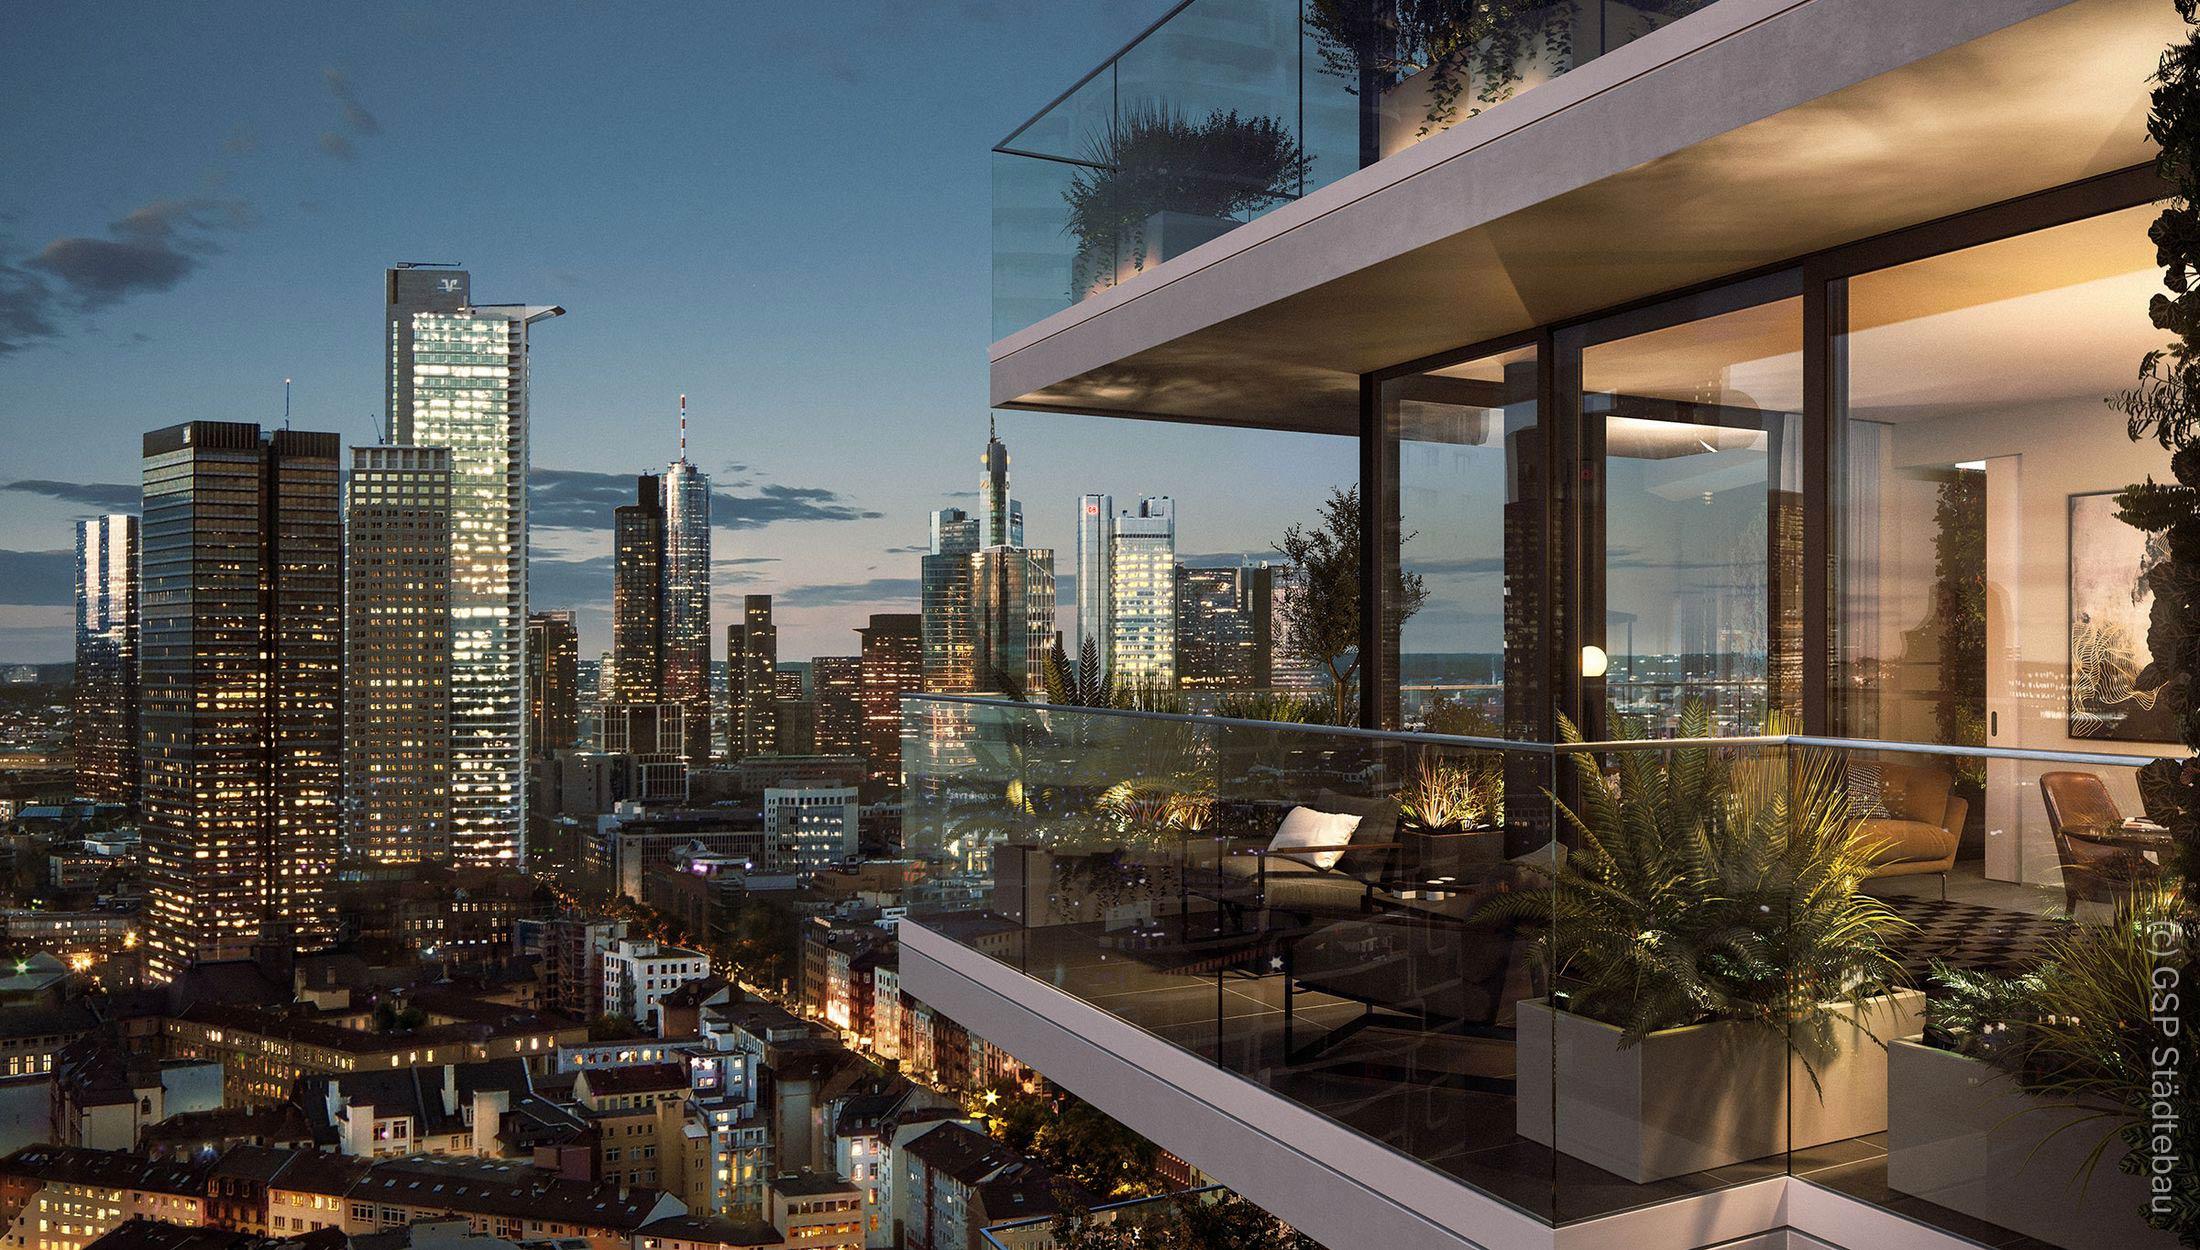 EDEN Frankfurt - Wohnturm Balkon Rendering - Neubau mit Aussicht auf die Skyline bei Nacht